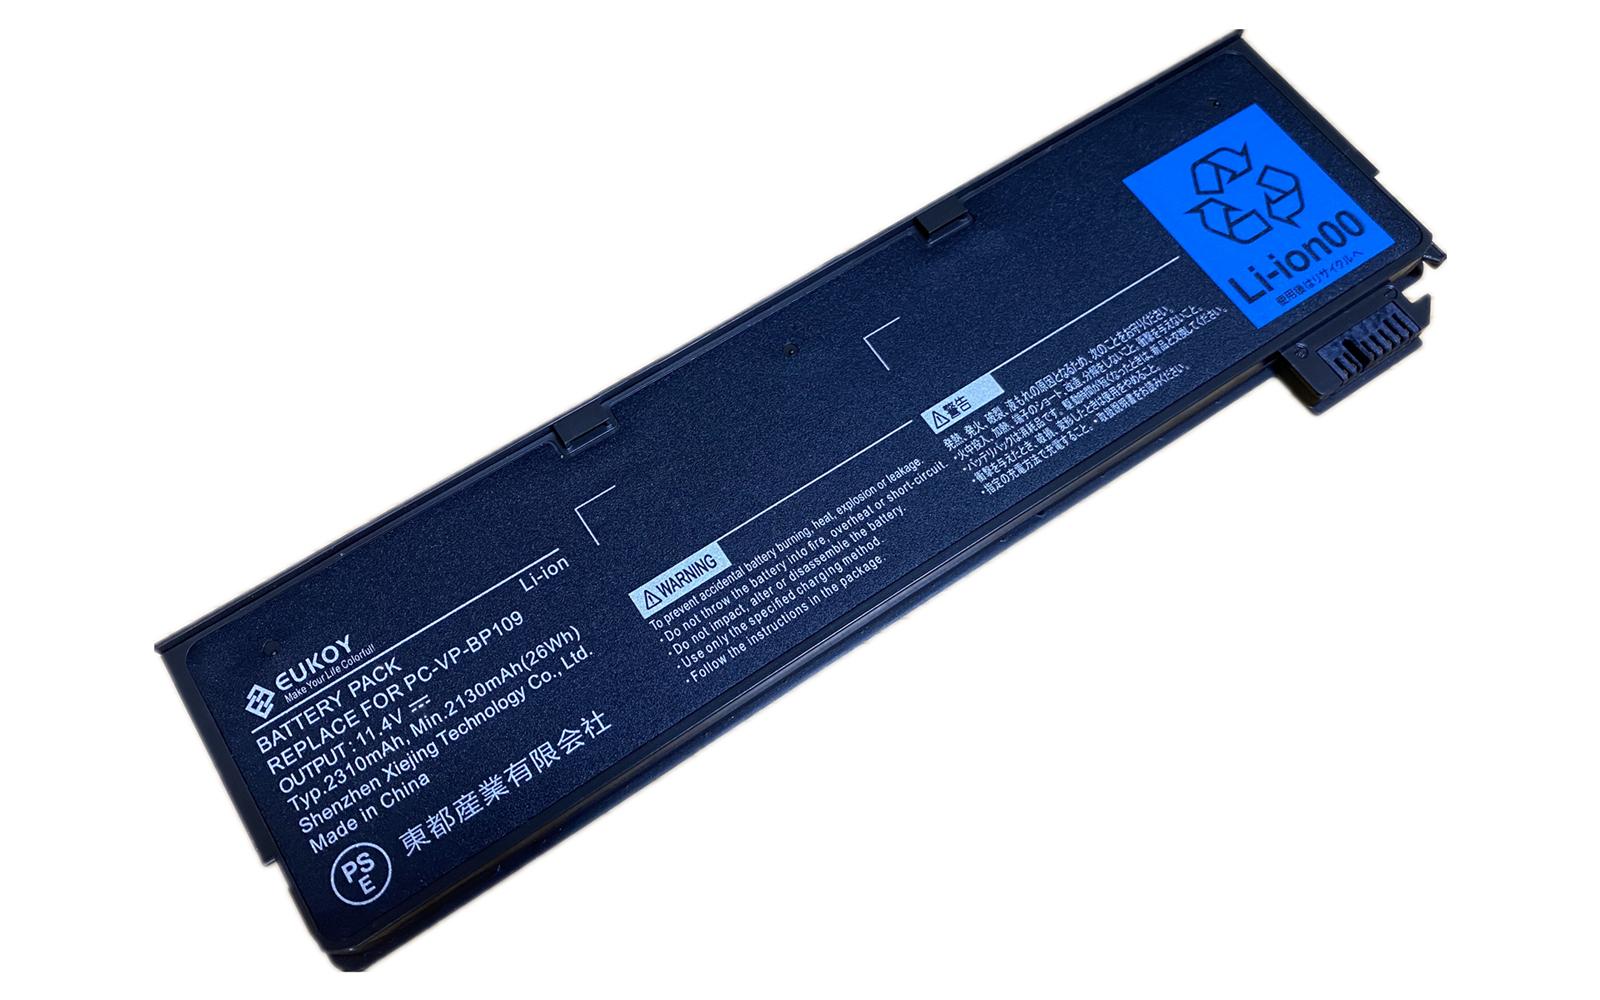 NEC UltraLite 卓抜 タイプVB-1 U用バッテリパック 買い取り 2310mAh M 1年保証 PC-VP-BP109